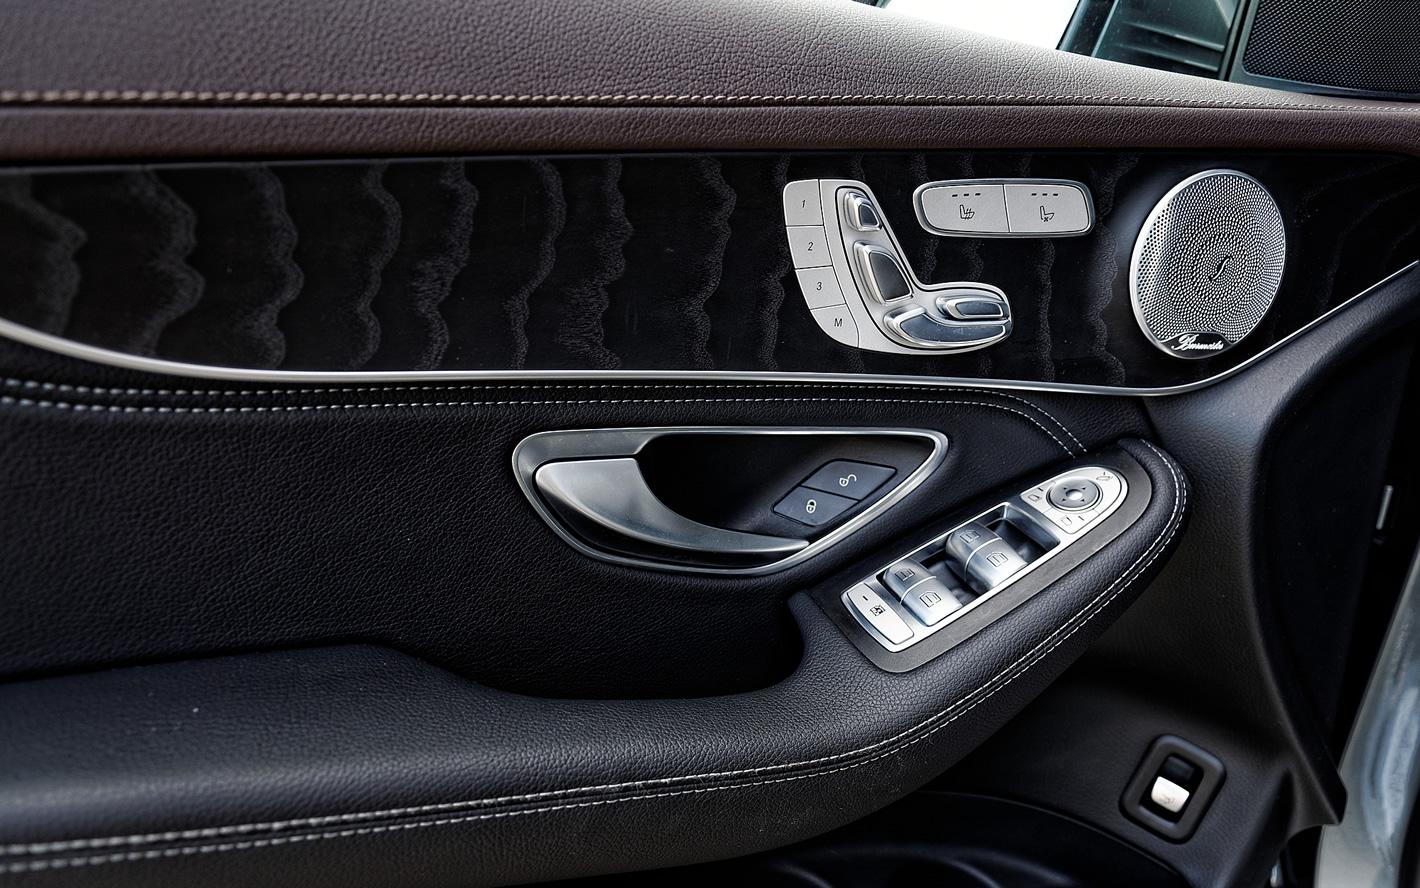 Mercedes-Benz GLC 350 e 4Matic - miękkie wykończenie